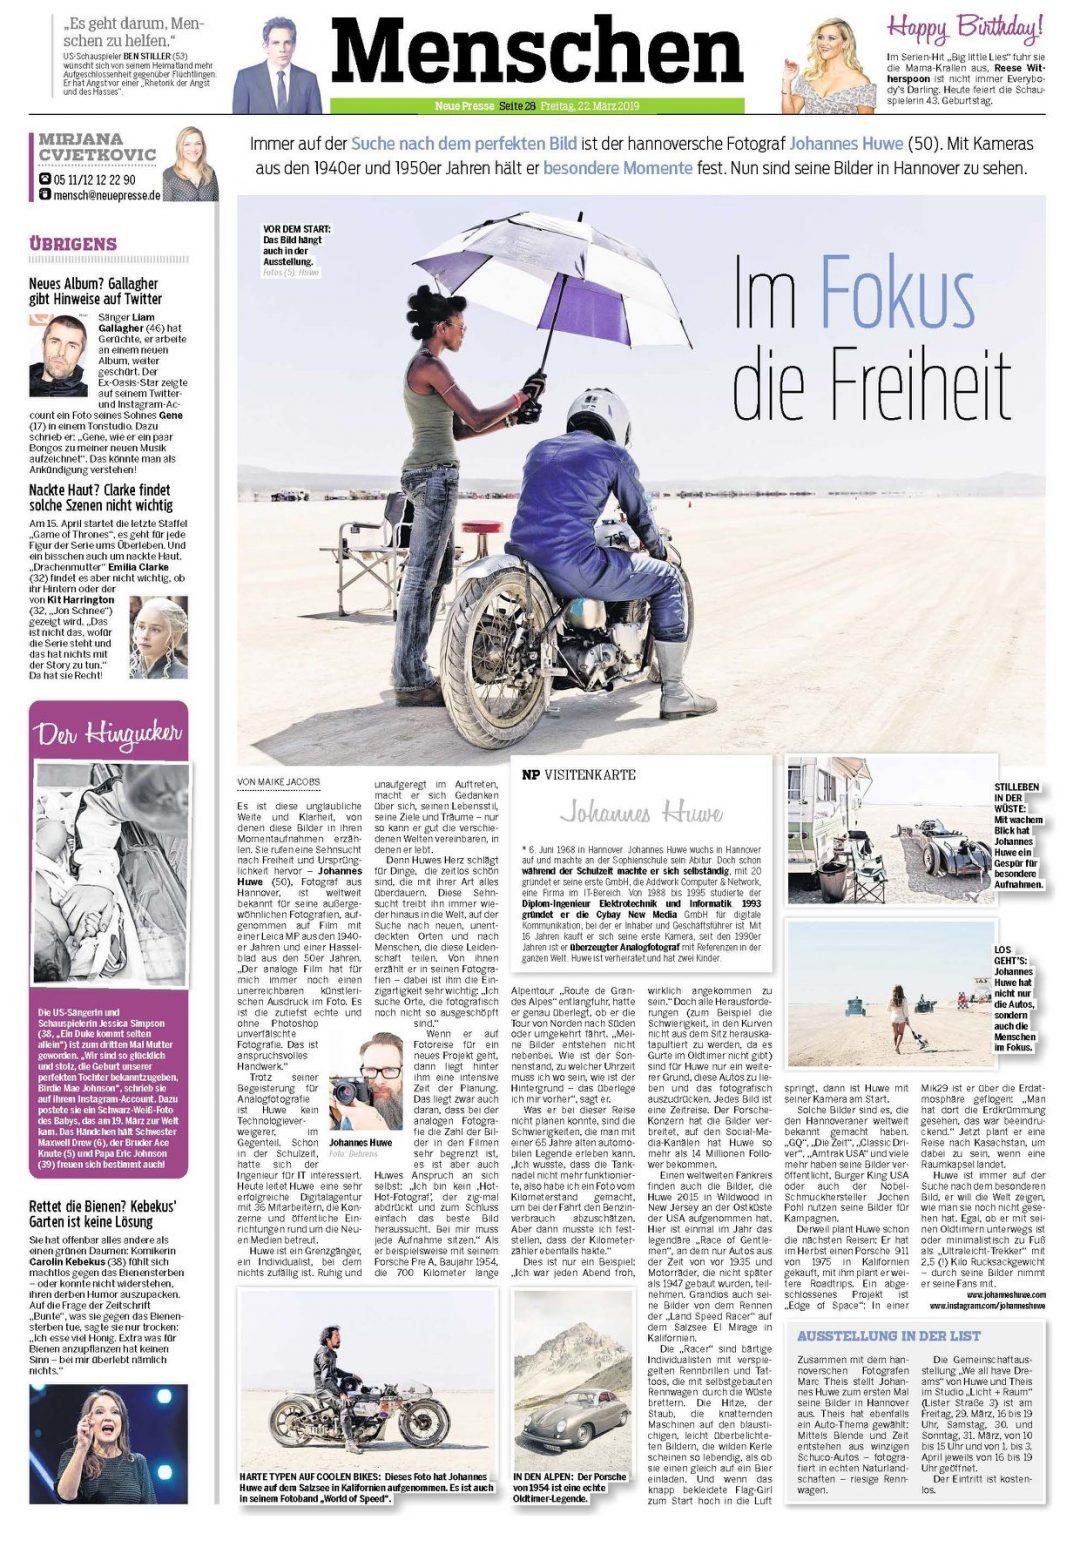 Heute in der Neuen Presse: Ganzseitiger Artikel über Huwes Arbeiten